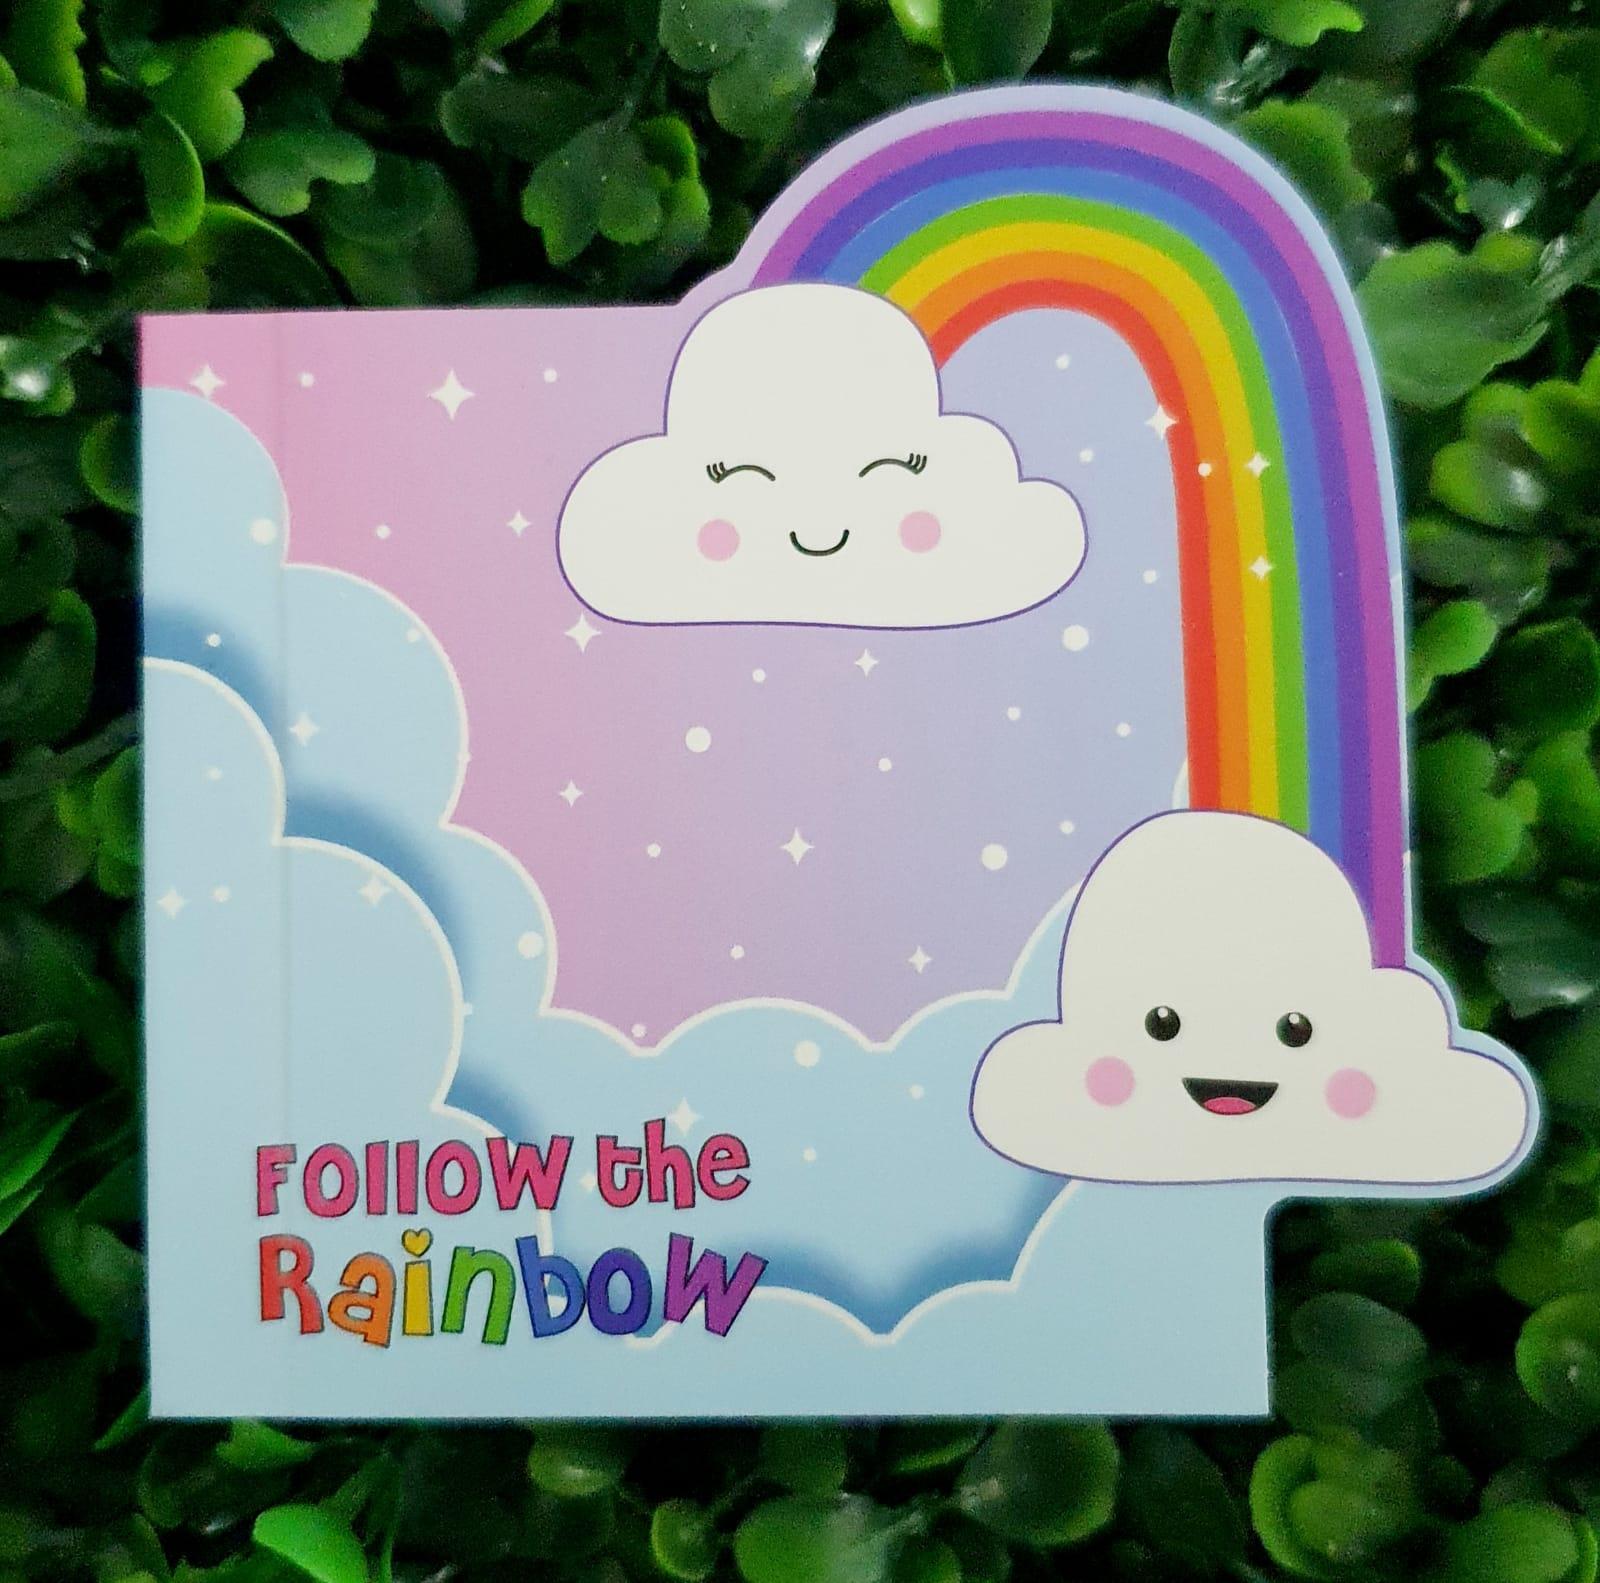 Brinde - Follow the rainbow